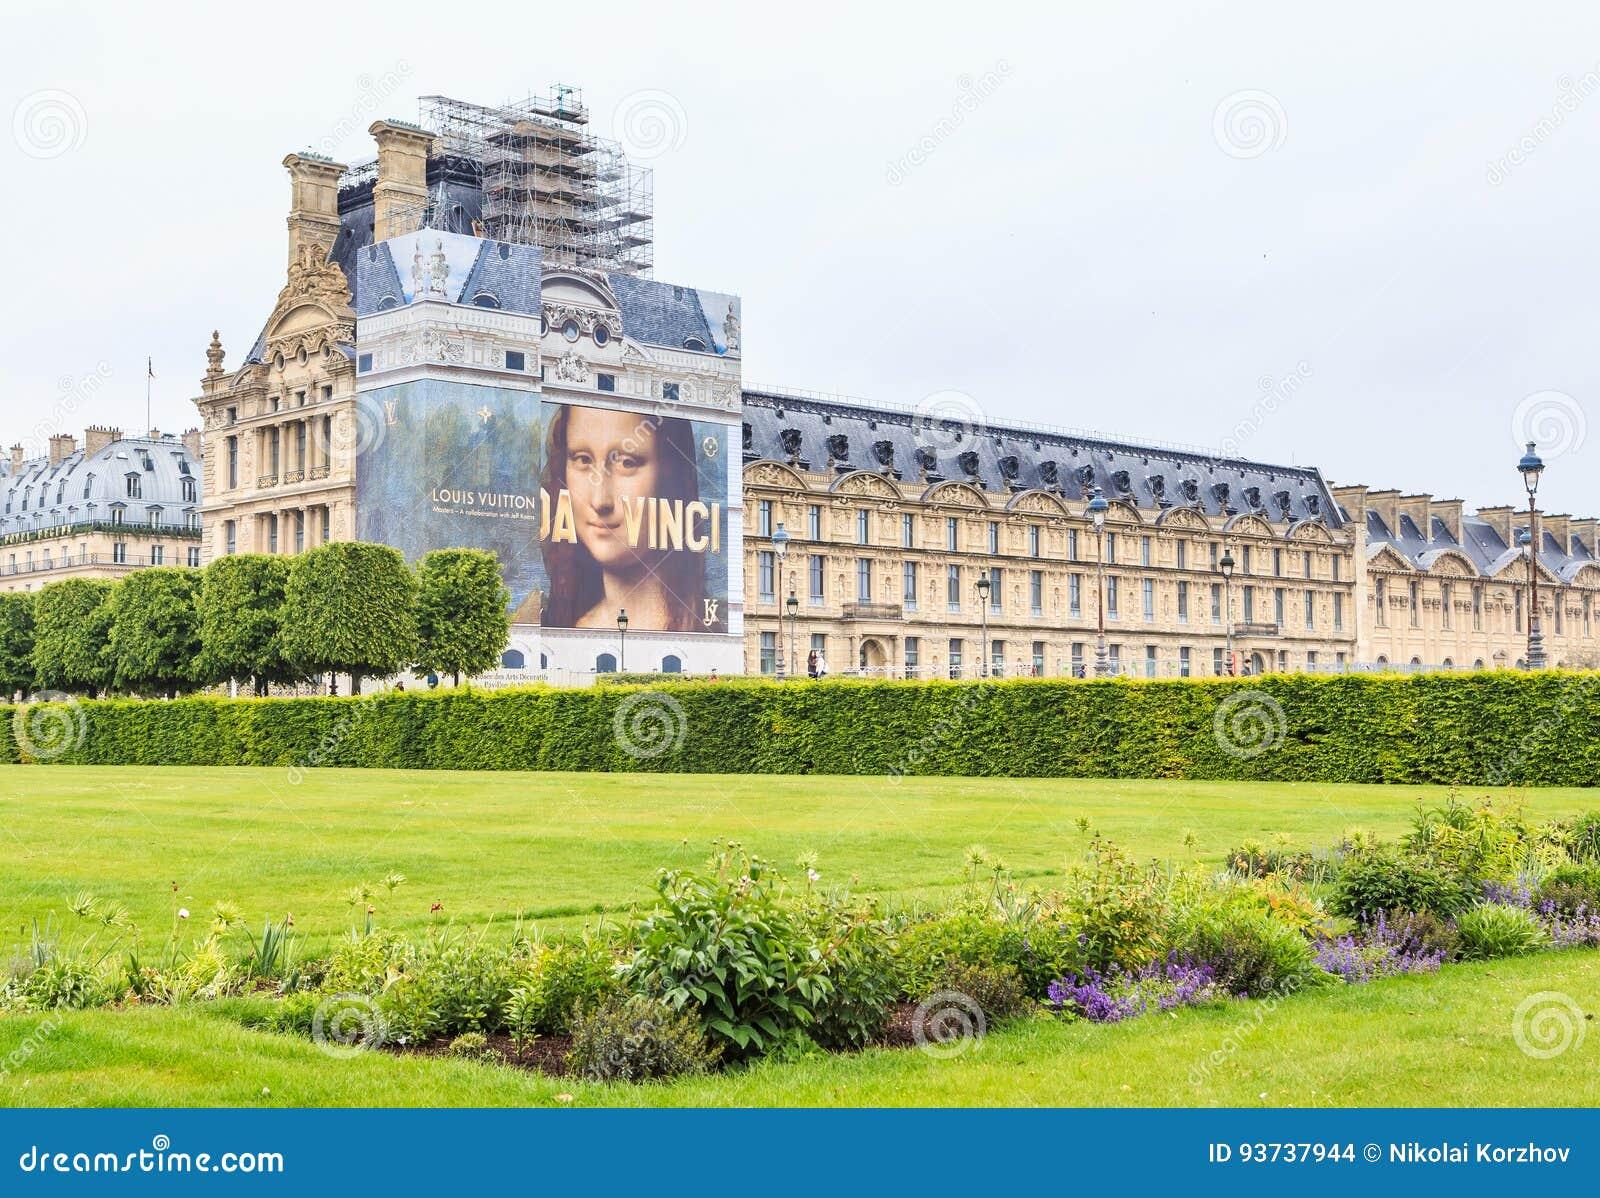 Frühjahr In Jardin DES Tuileries Mit Musee Du Louvre ...